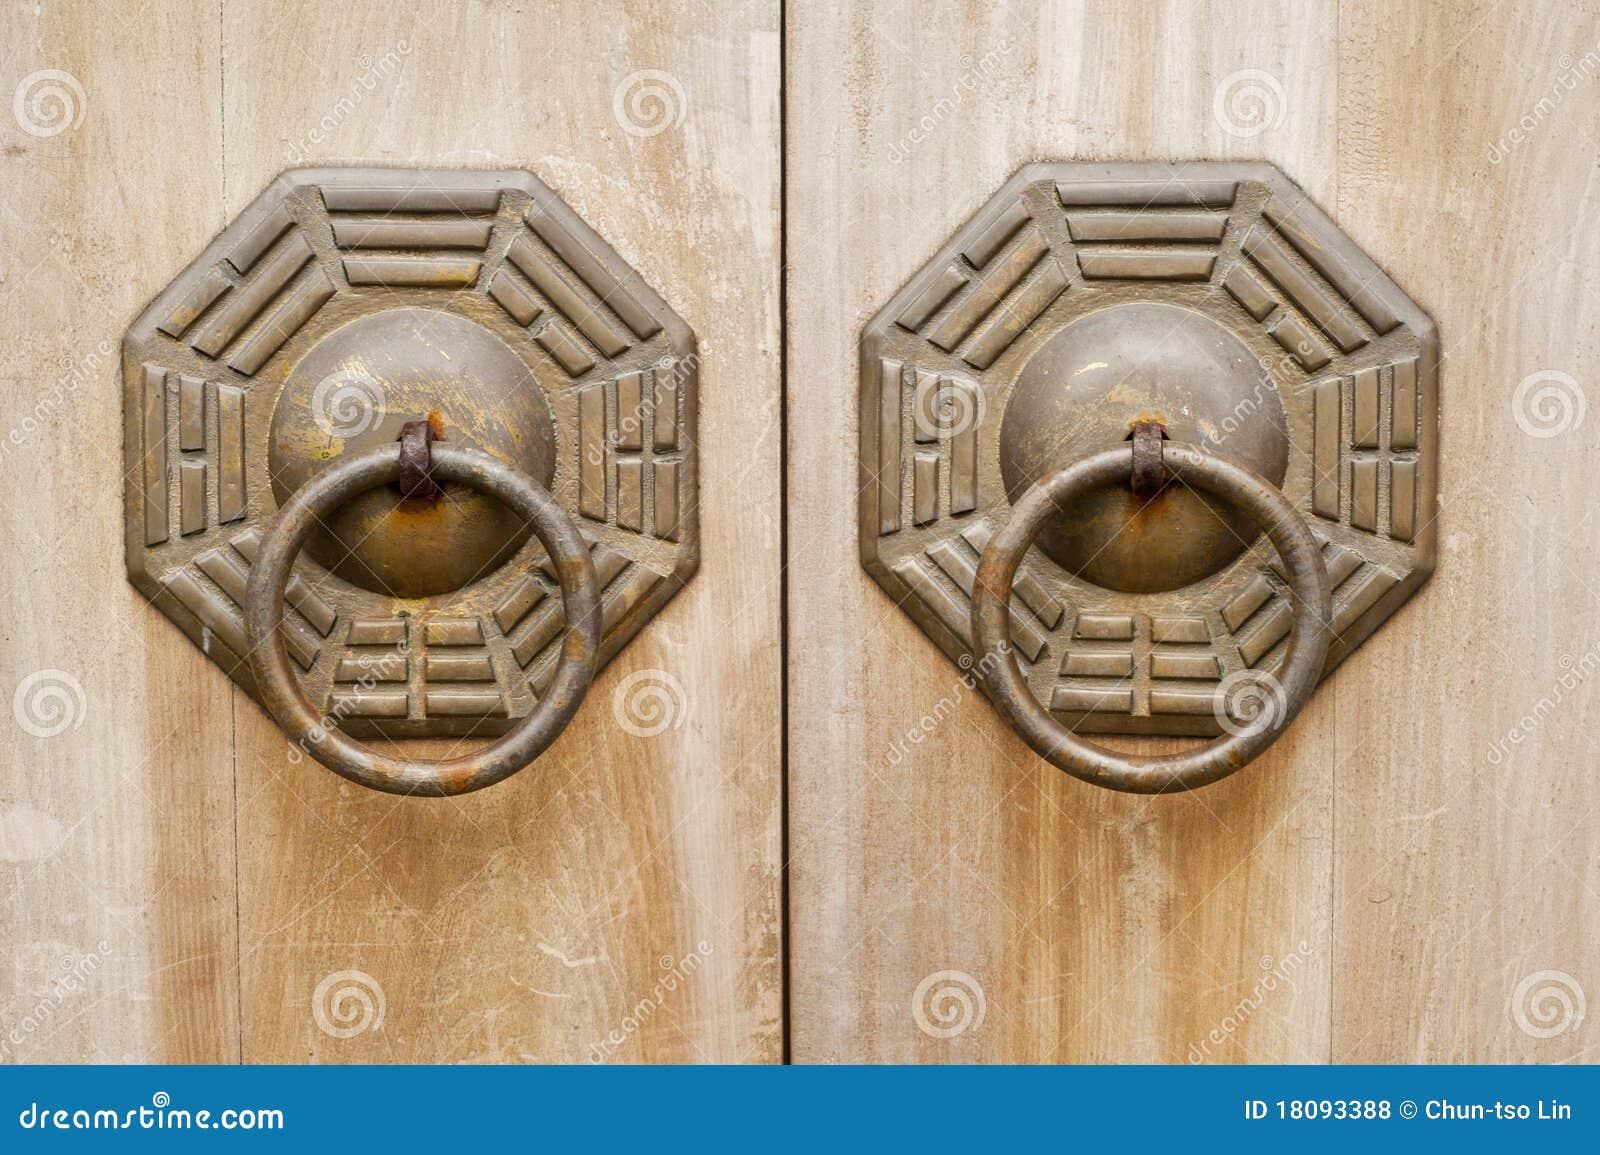 entrance door design double  | 300 x 585